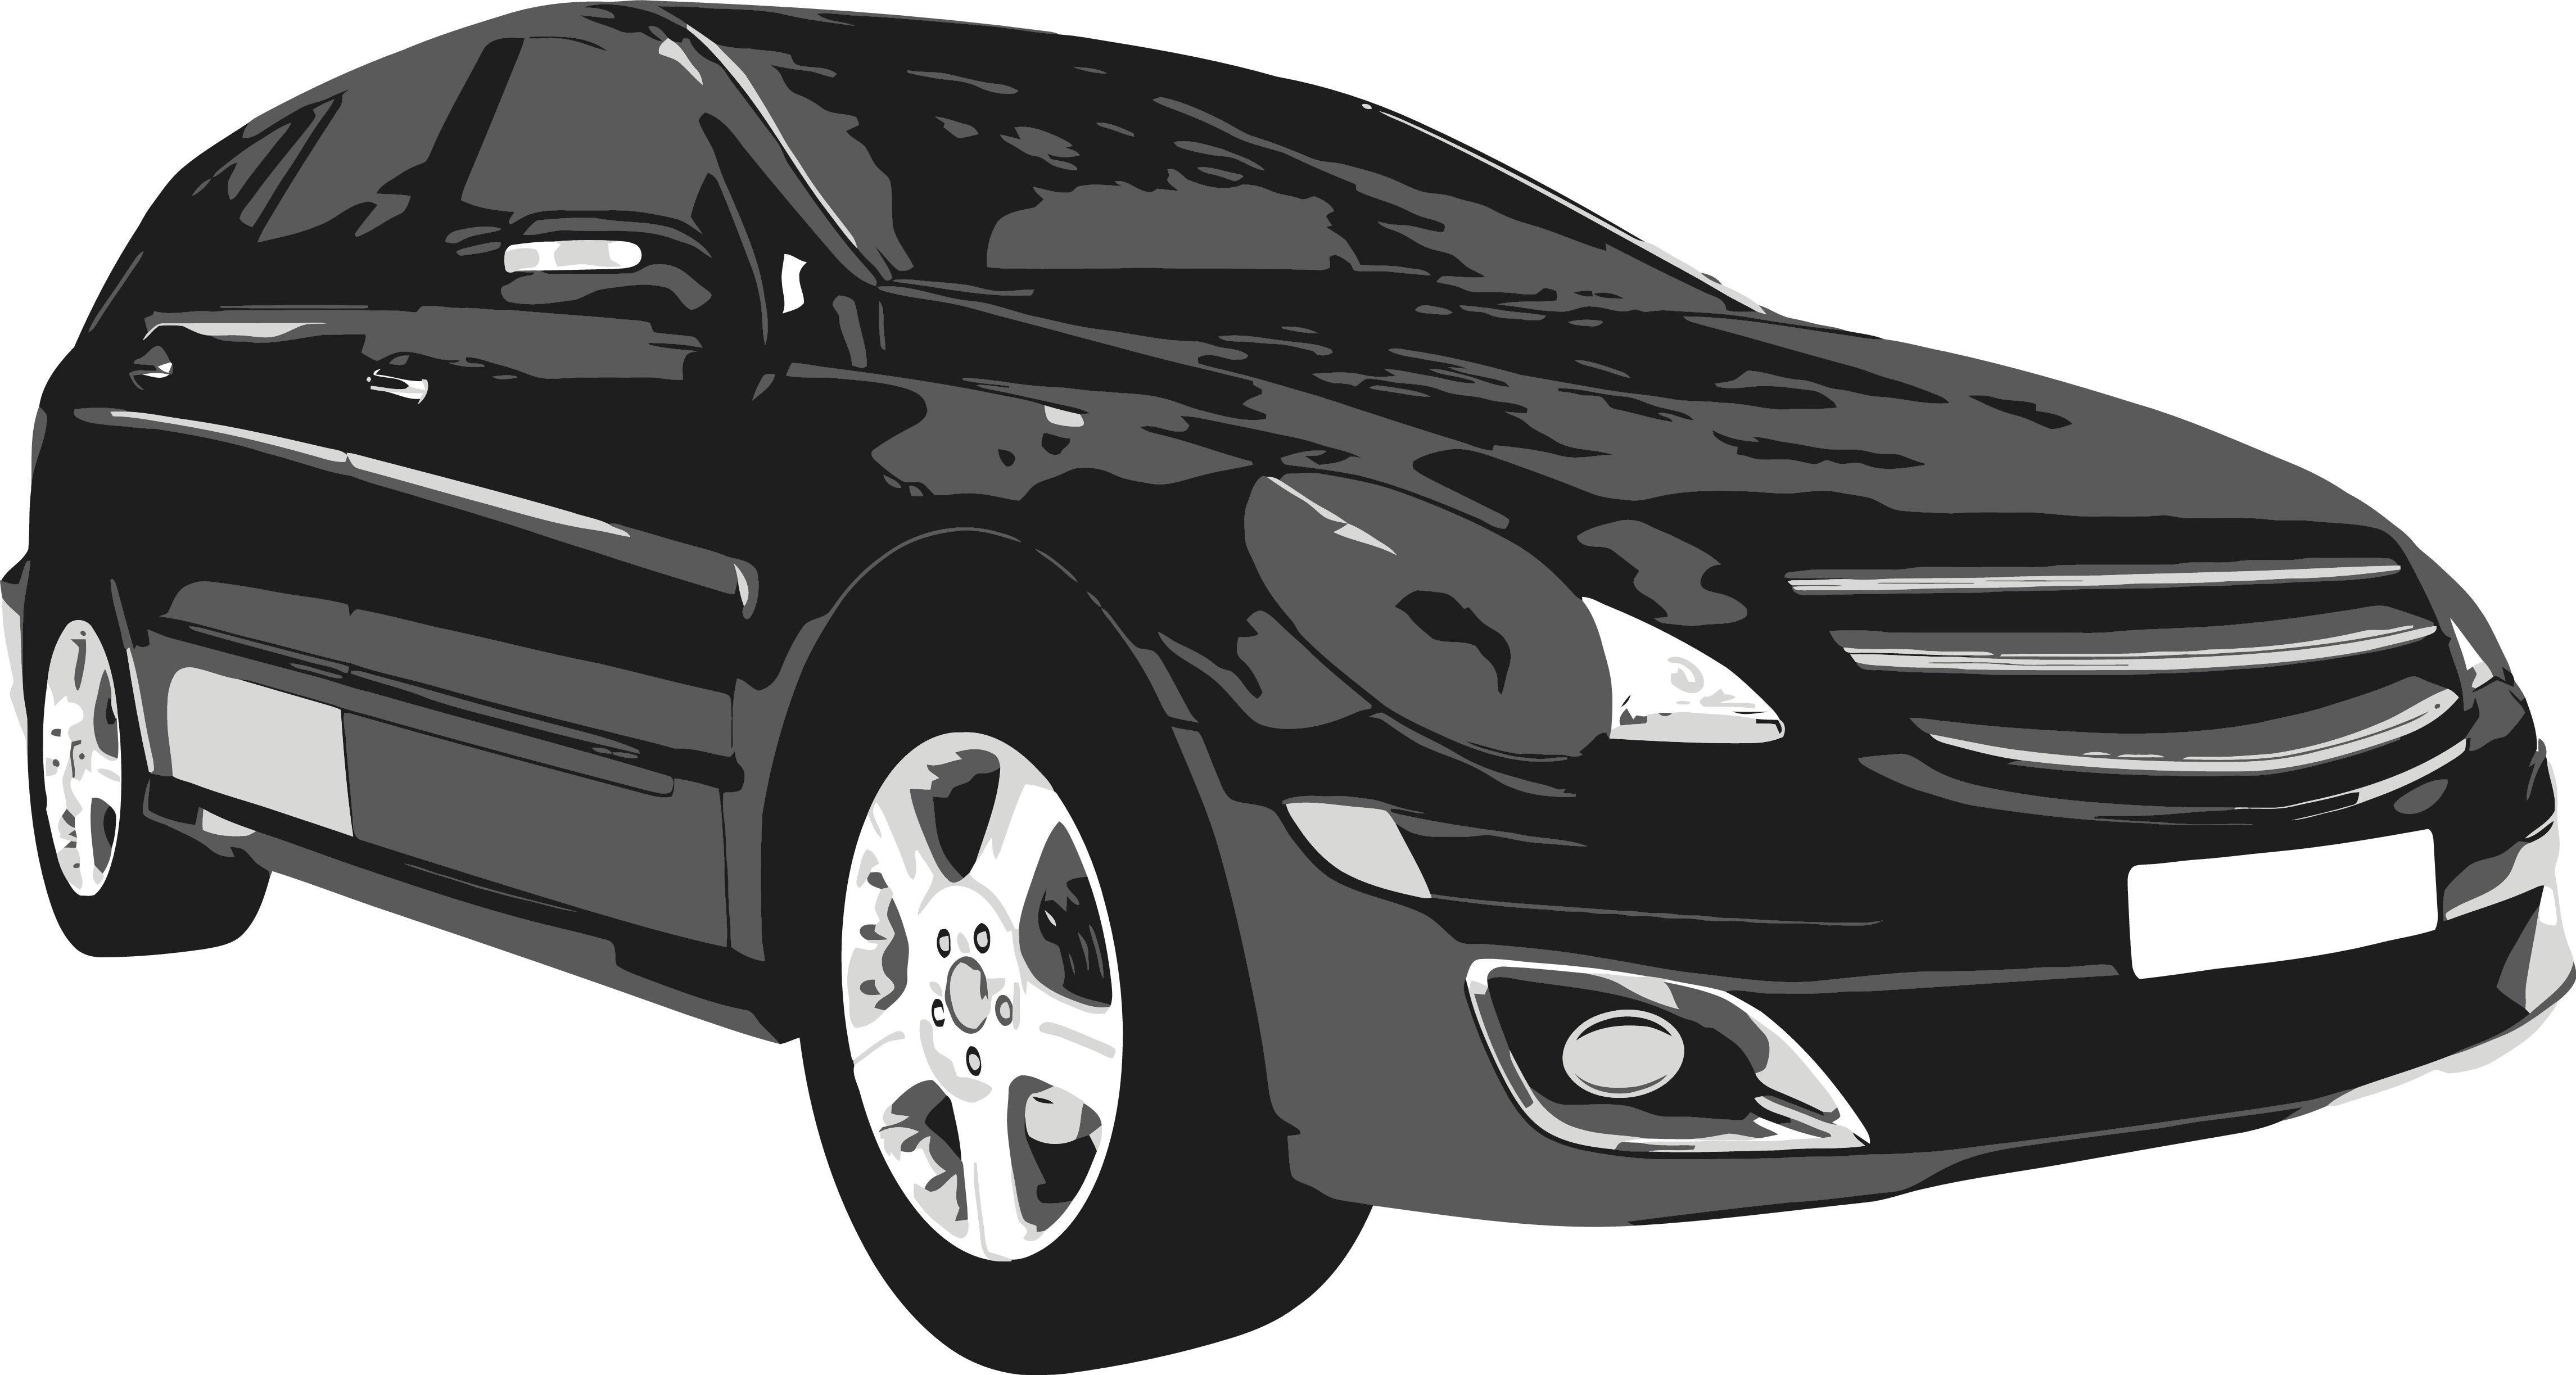 Motorschaden bei Ford Transit Modellen